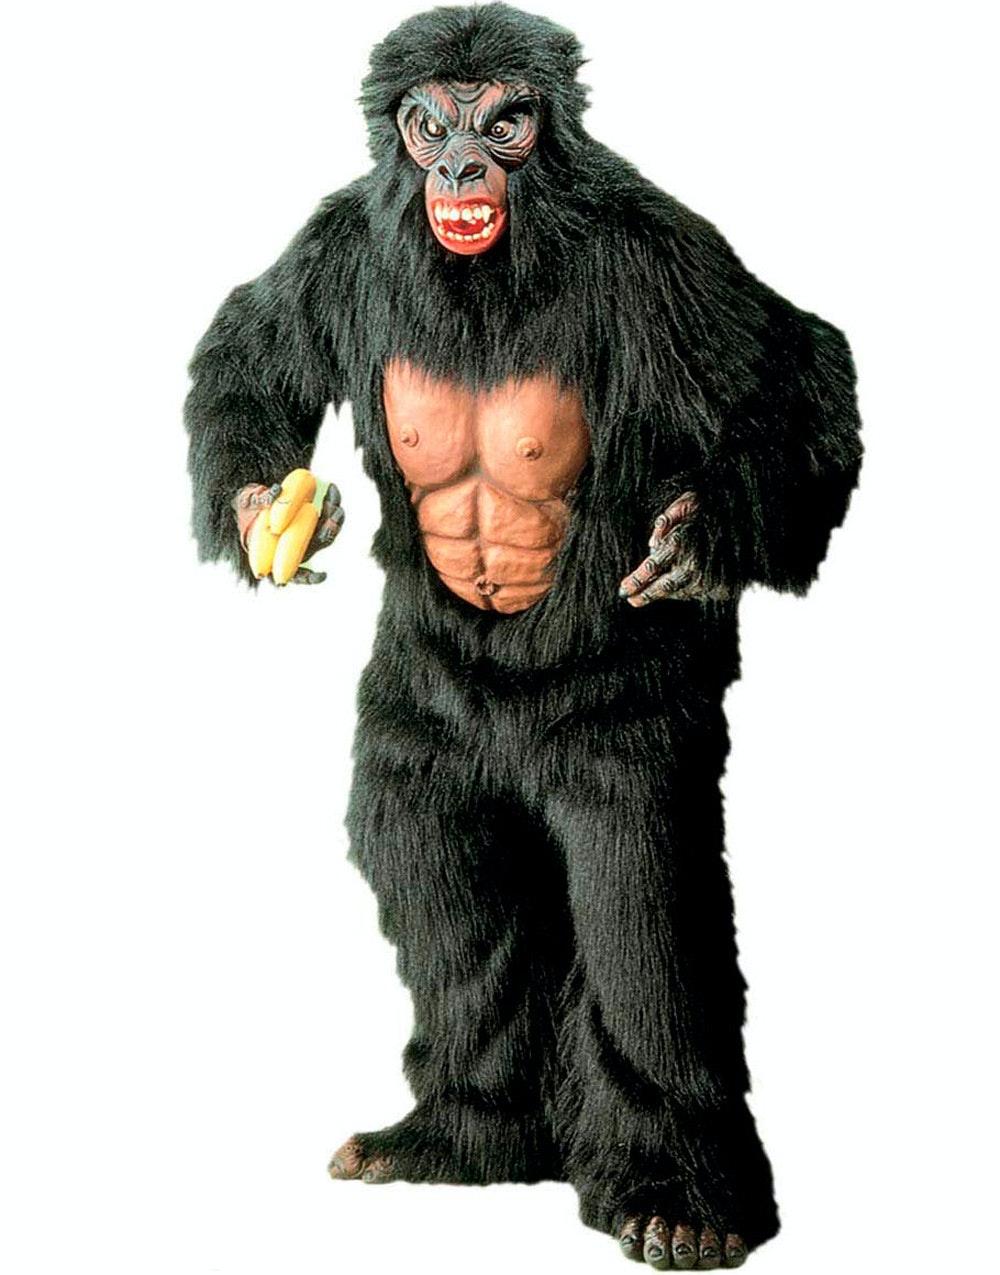 Gorilla kastade sten i huvudet pa smabarnsmamma